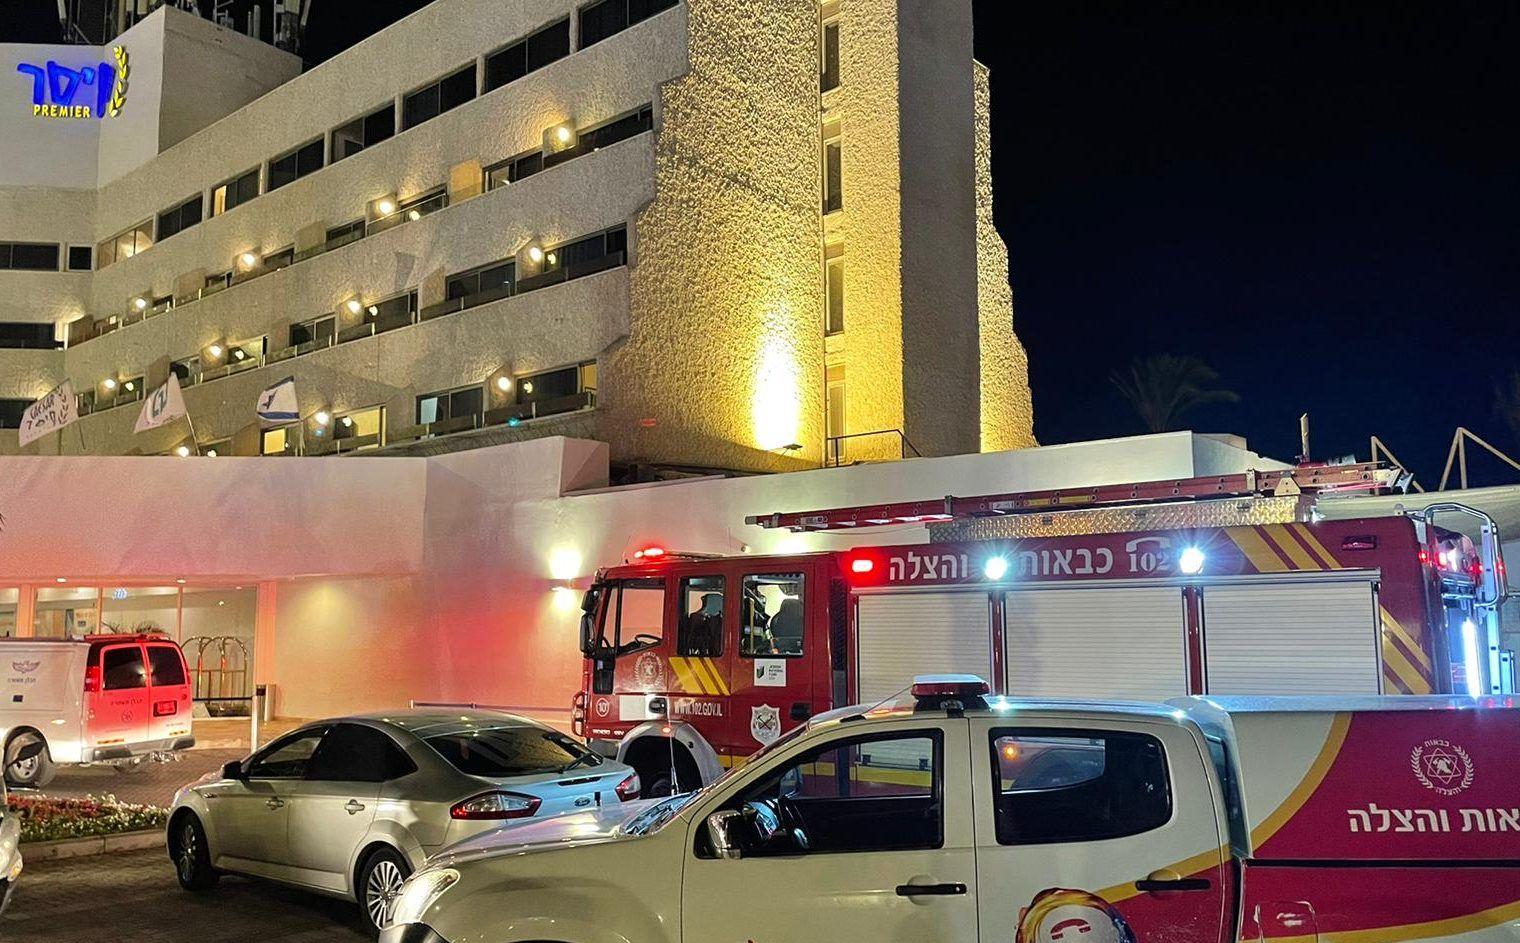 وقوع انفجار داخل هتلی در فلسطین اشغالی